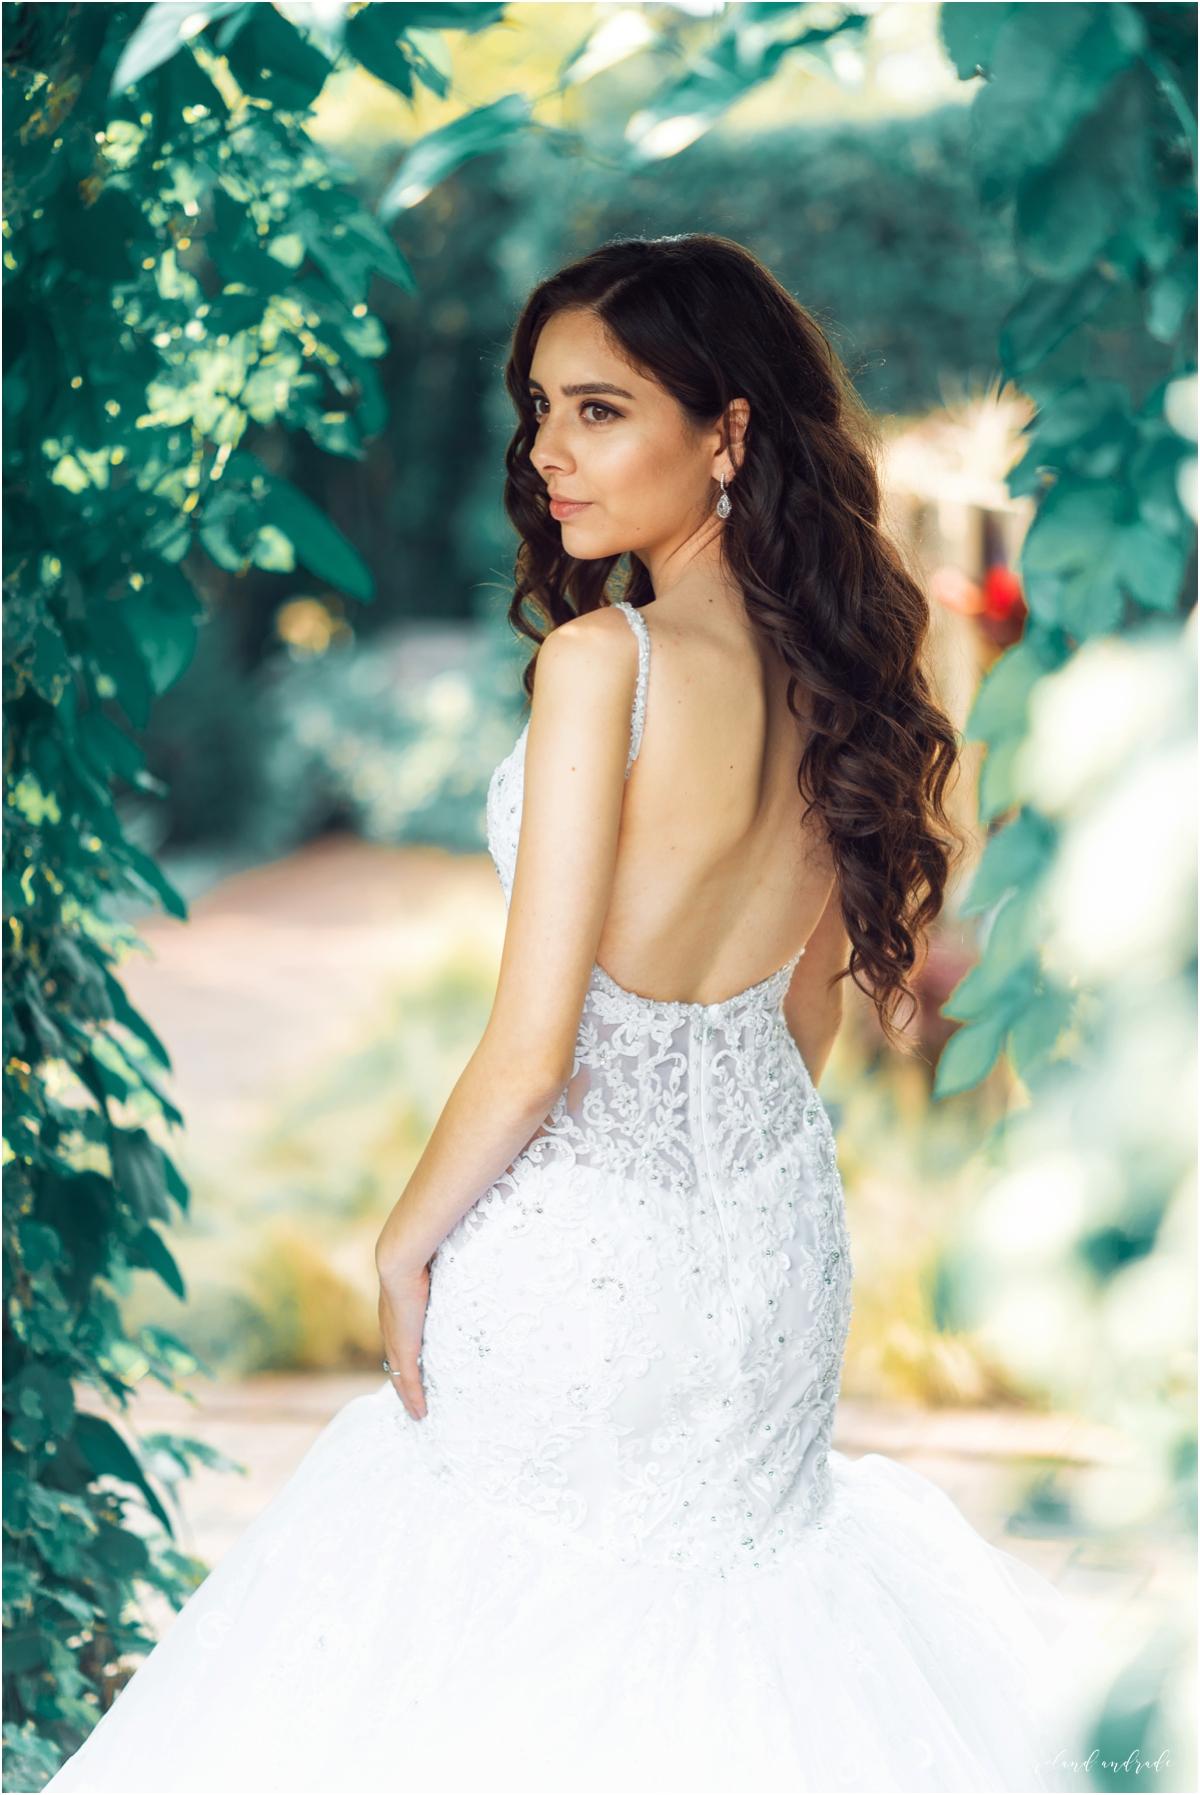 Mayra + Julian Chicago Botanic Garden Bridal Photography Chicago Wedding Photography Photographer19.jpg